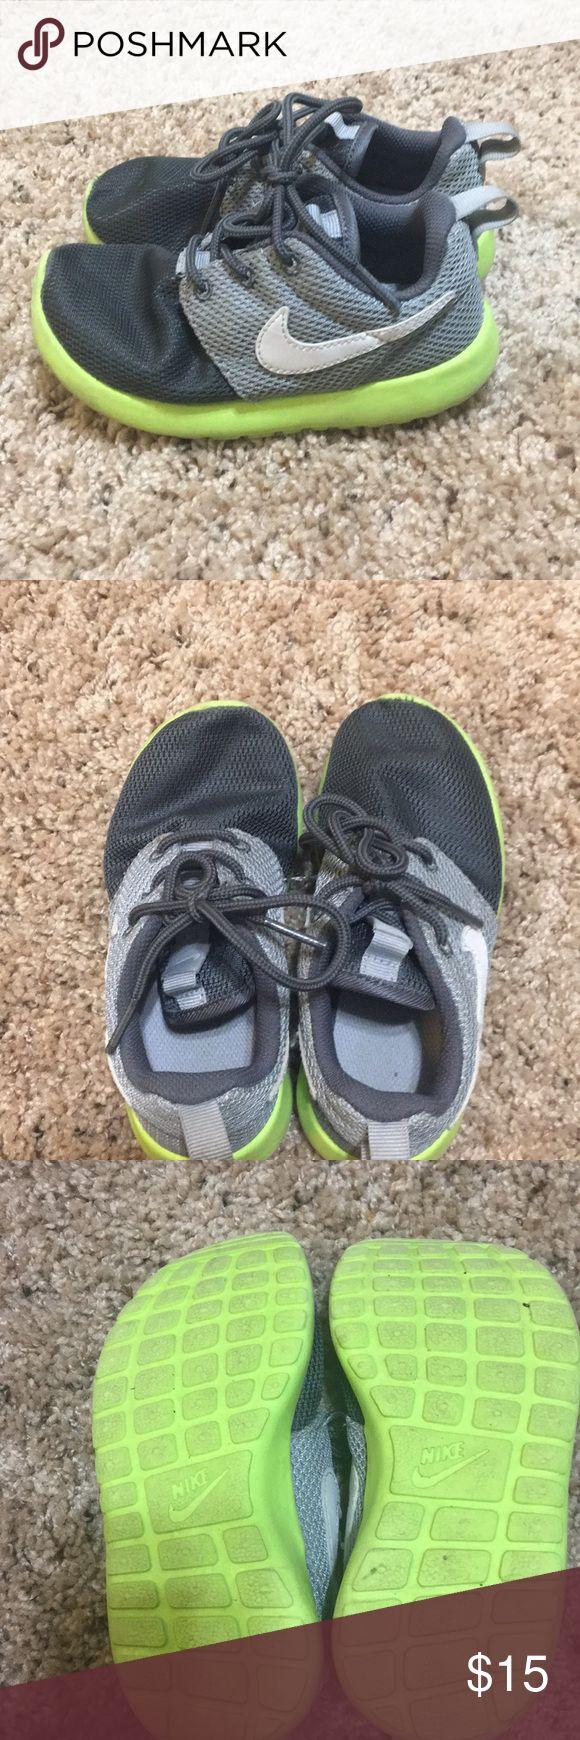 Nike shoes Nike kids shoes Nike Shoes